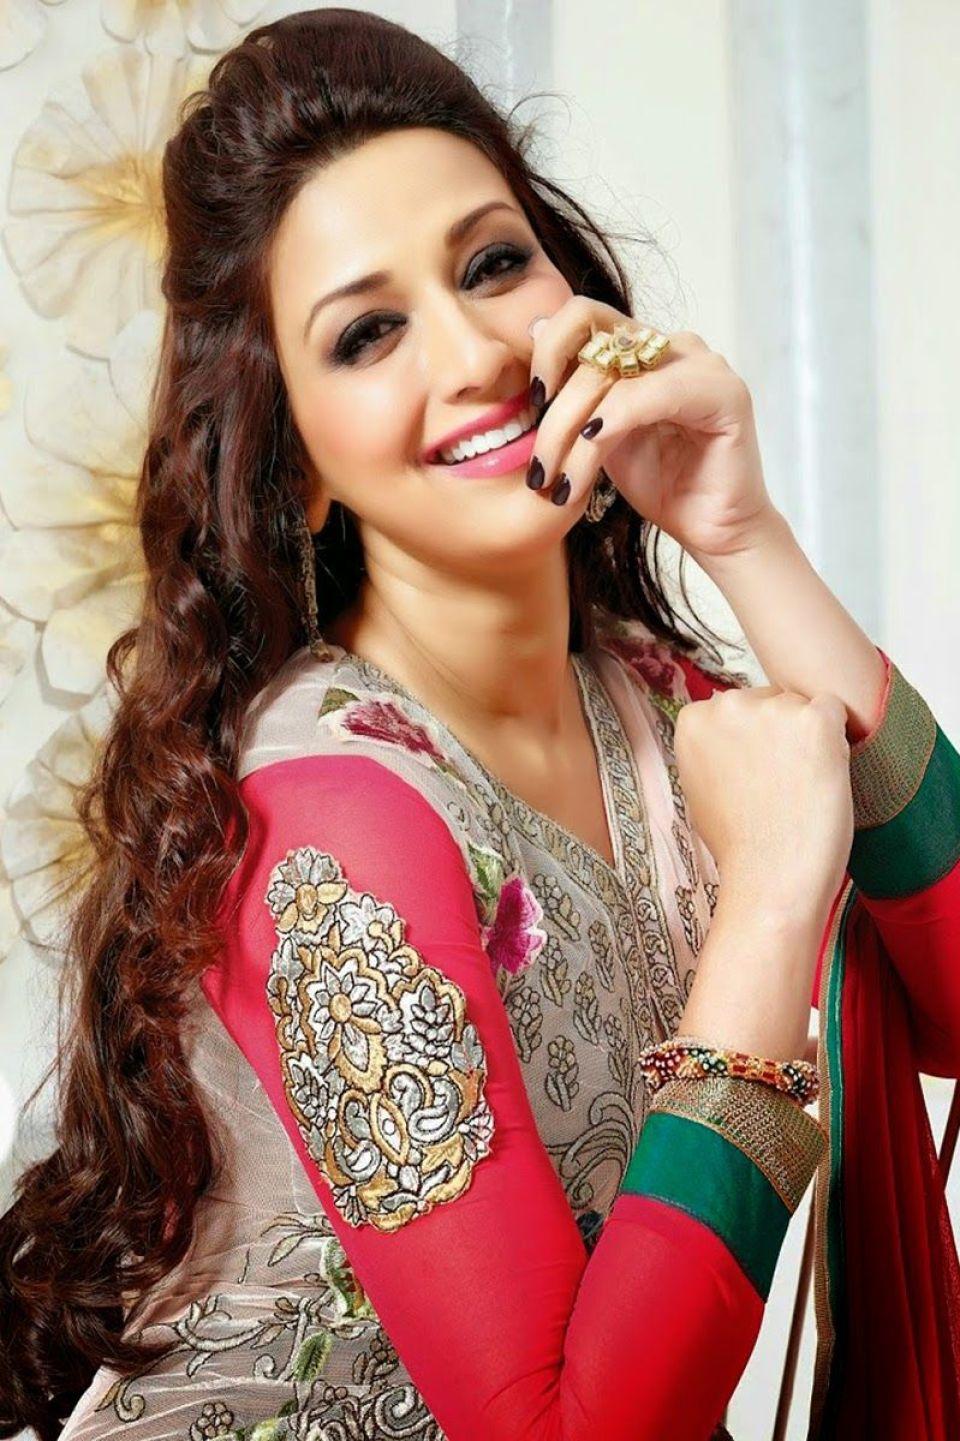 राज ठाकरे समेत ये 5 सितारे सोनाली बेंद्रे के प्यार में थे पागल, शादी करने के लिए कुछ भी करने को थे तैयार